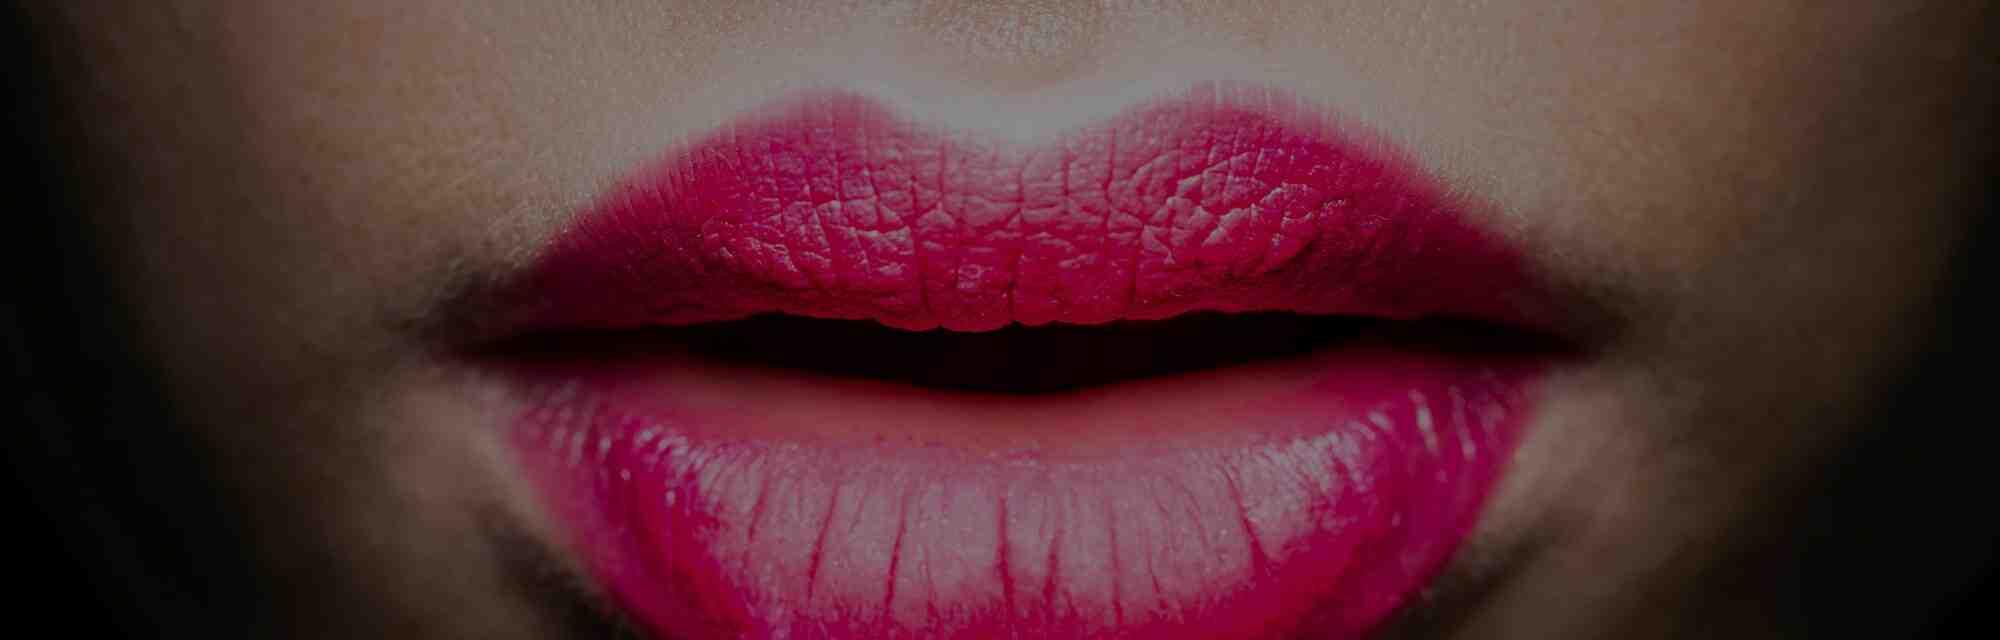 Comment lire sur les lèvres